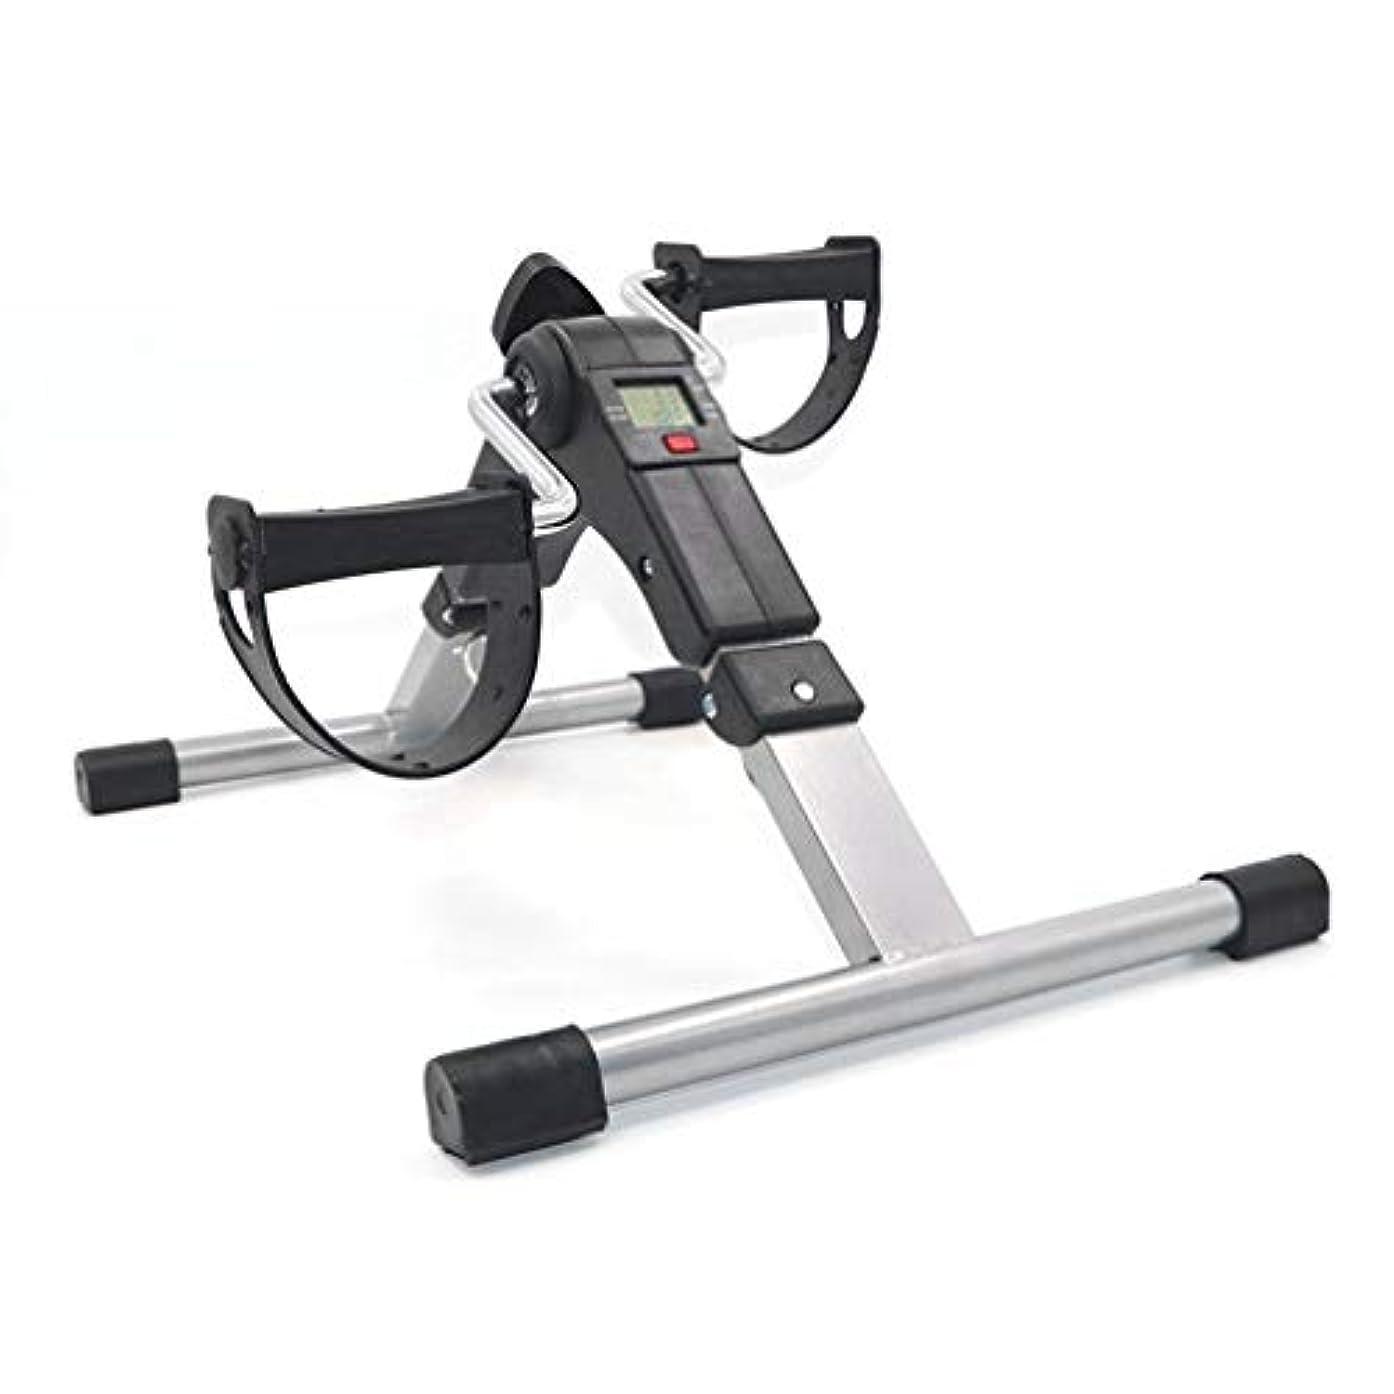 ストライド米ドルグループ実用的なトレーナー自転車脚エクササイザーストローク片麻痺リハビリテーションペダル-Rustle666